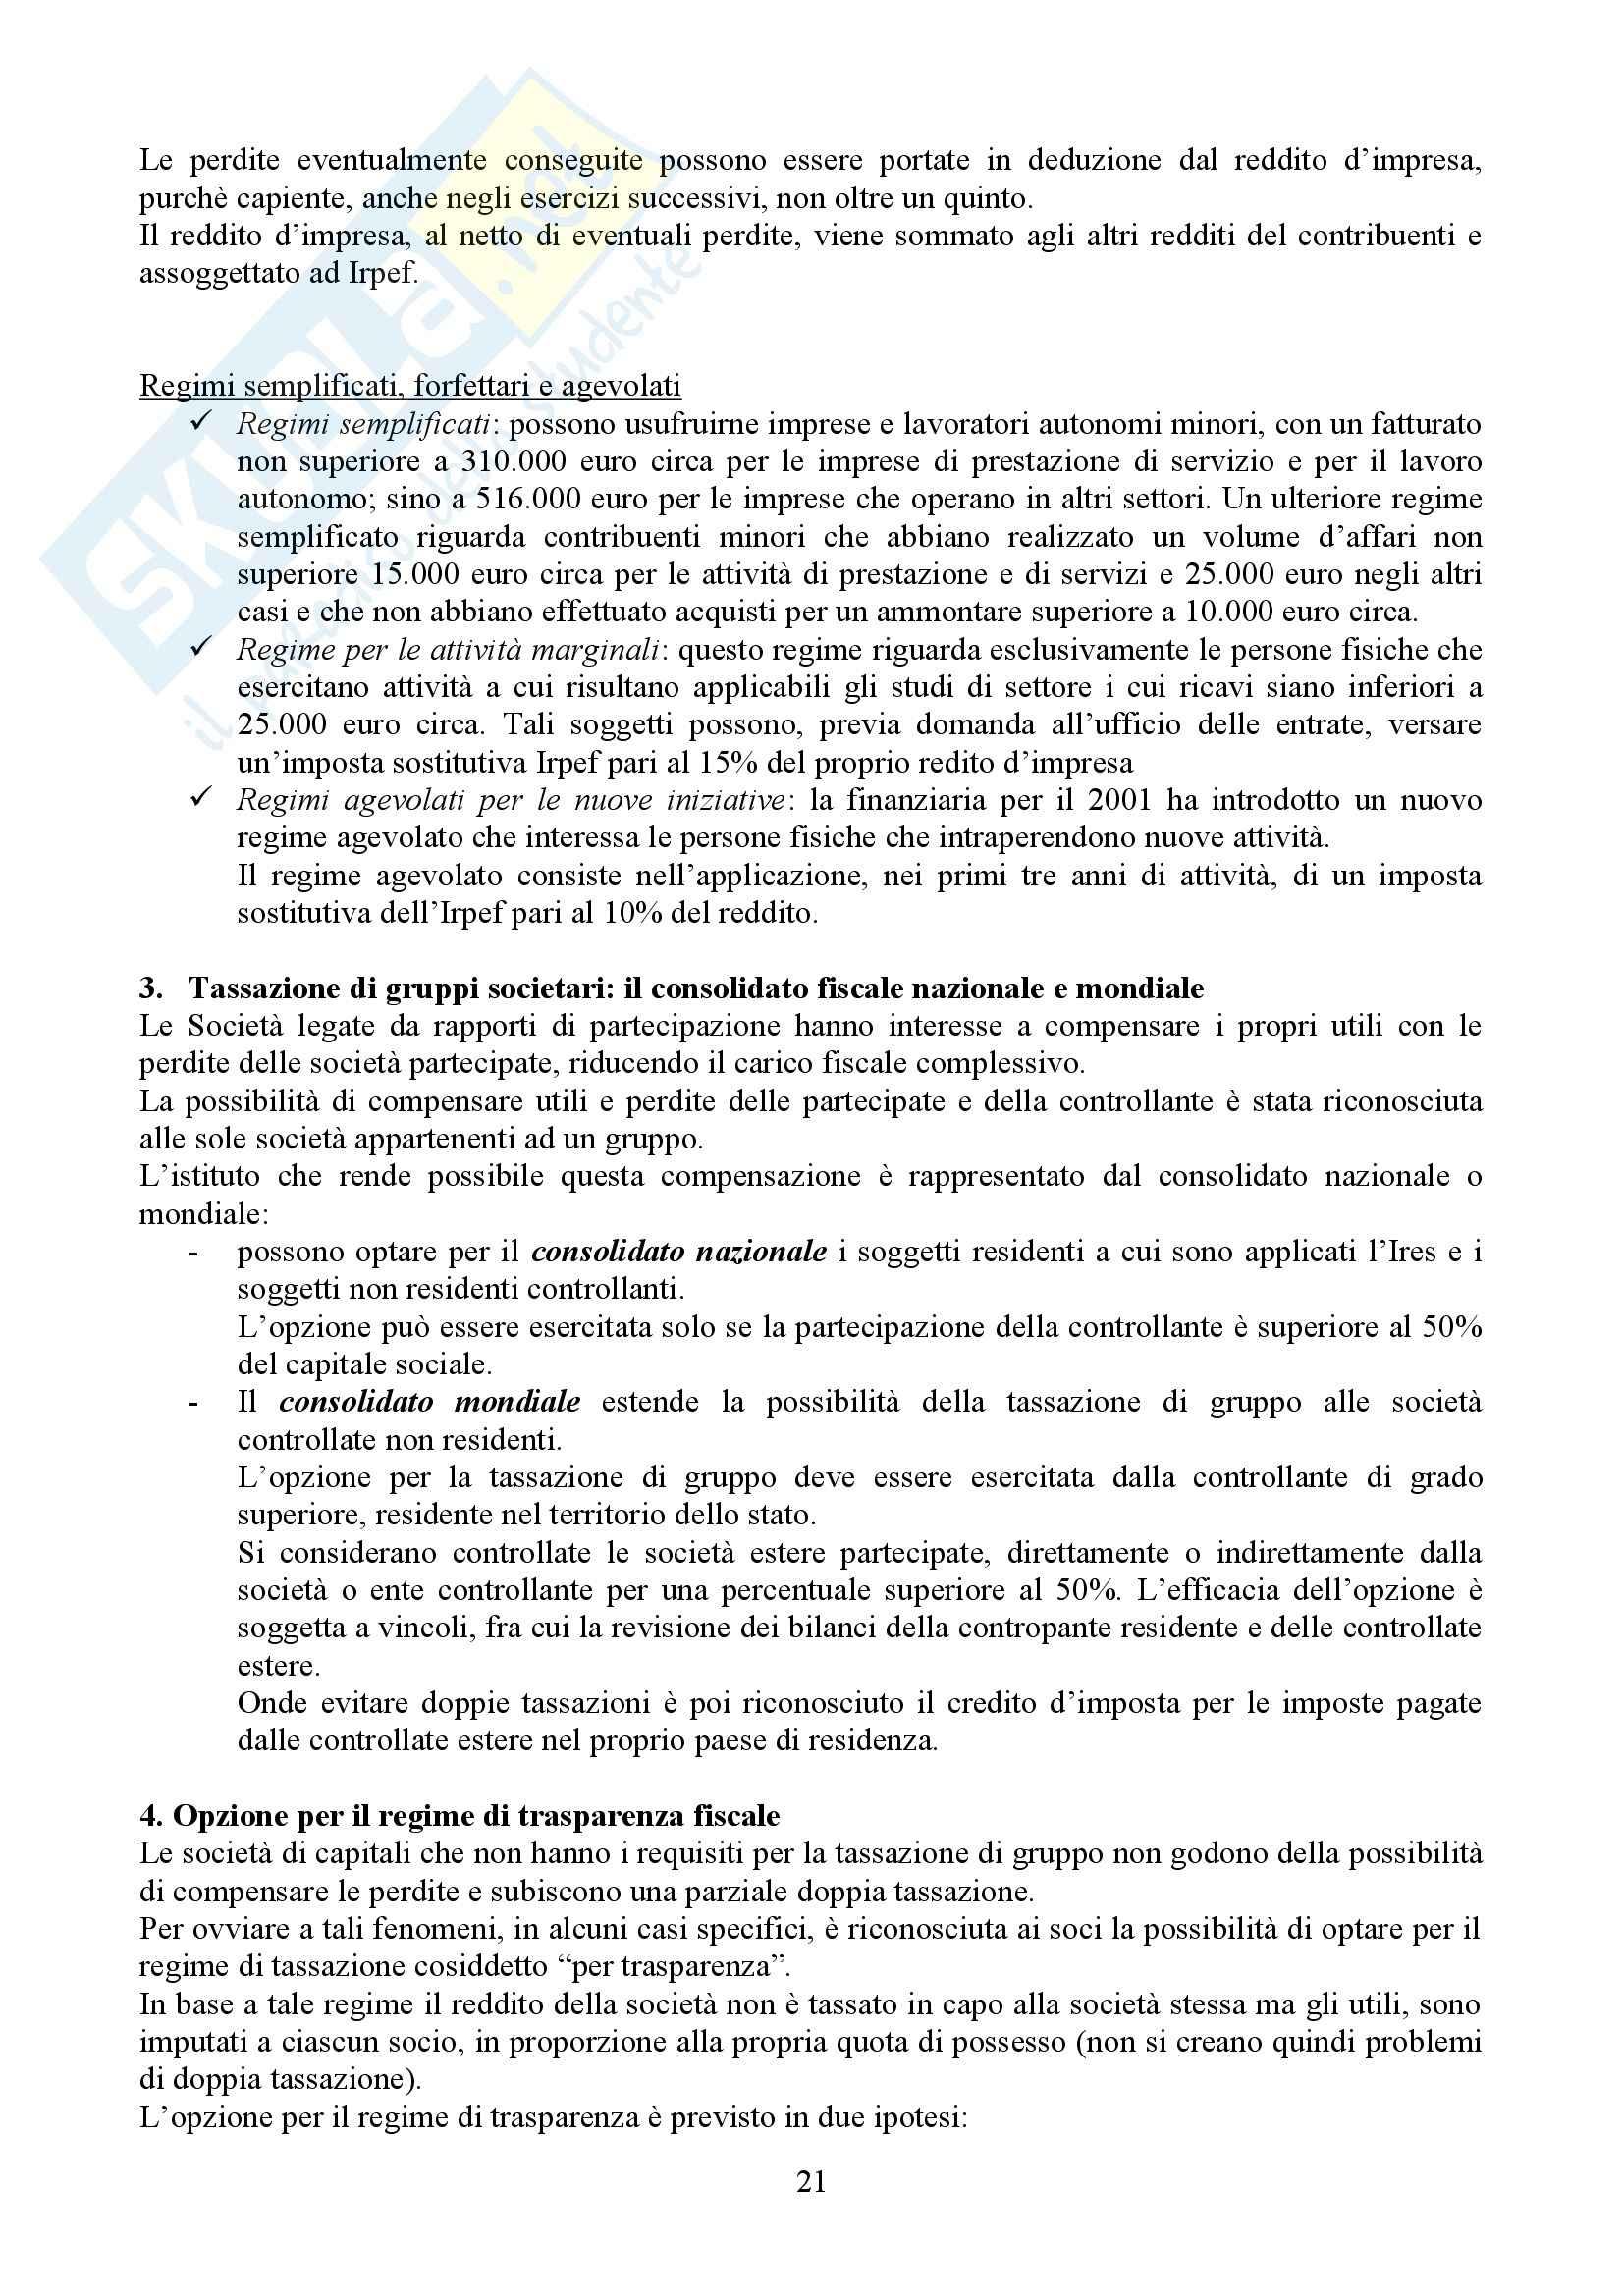 Tributi nell'economia italiana, Bosi, Guerra - Appunti Pag. 21